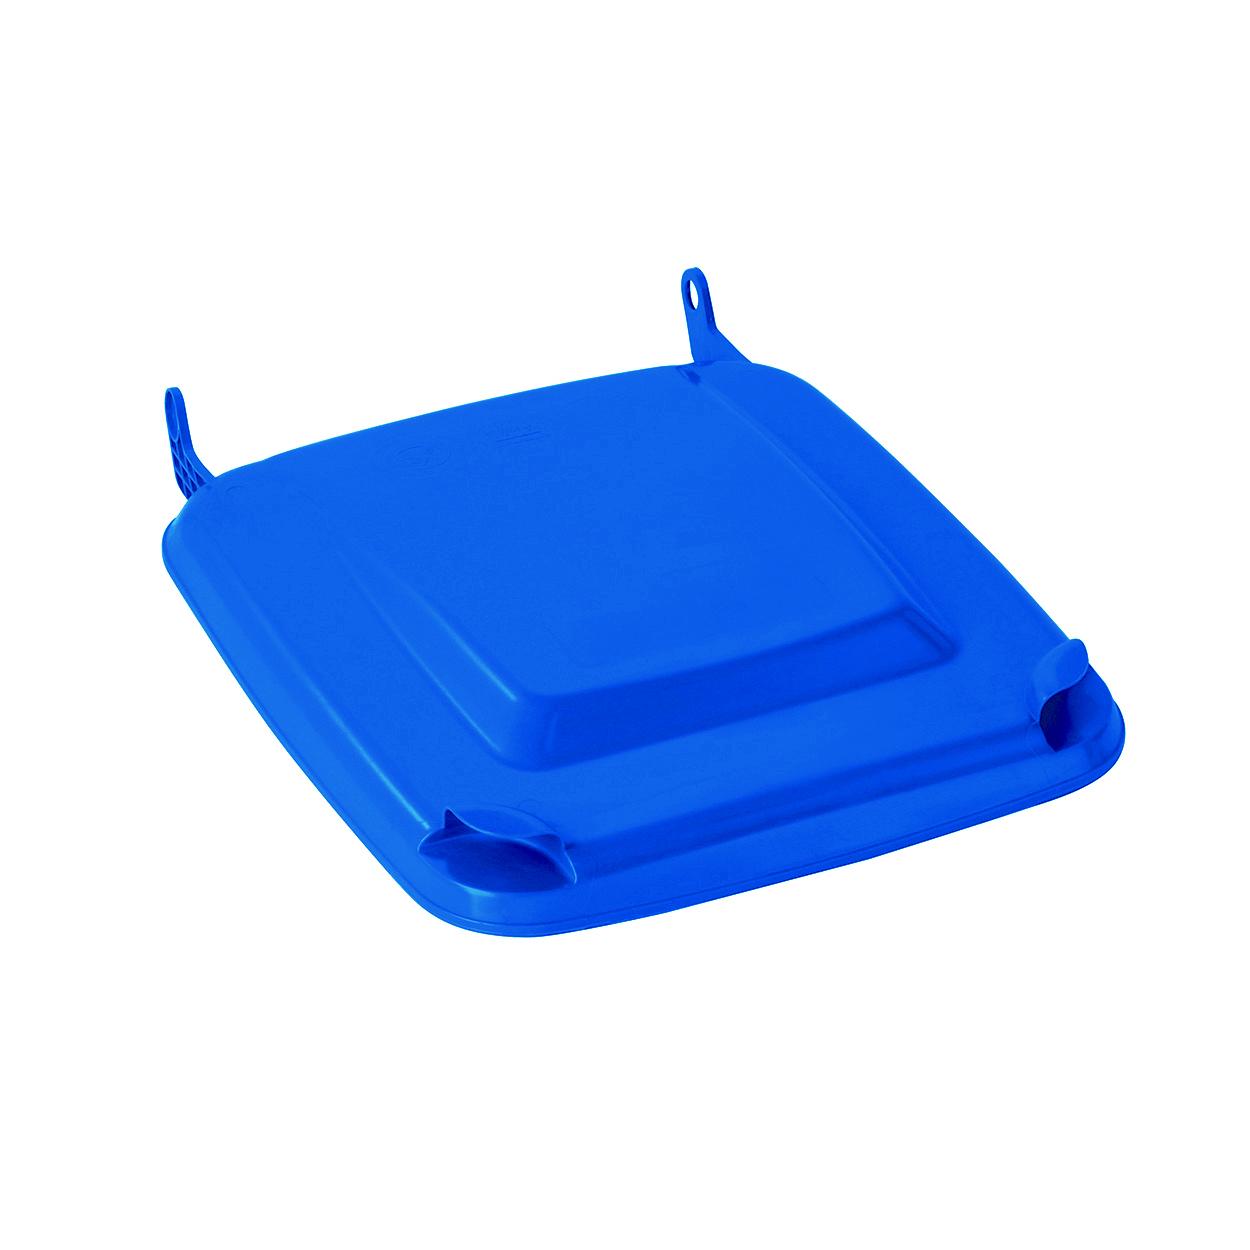 Klapa do plastikowego pojemnika 120 L, niebieska